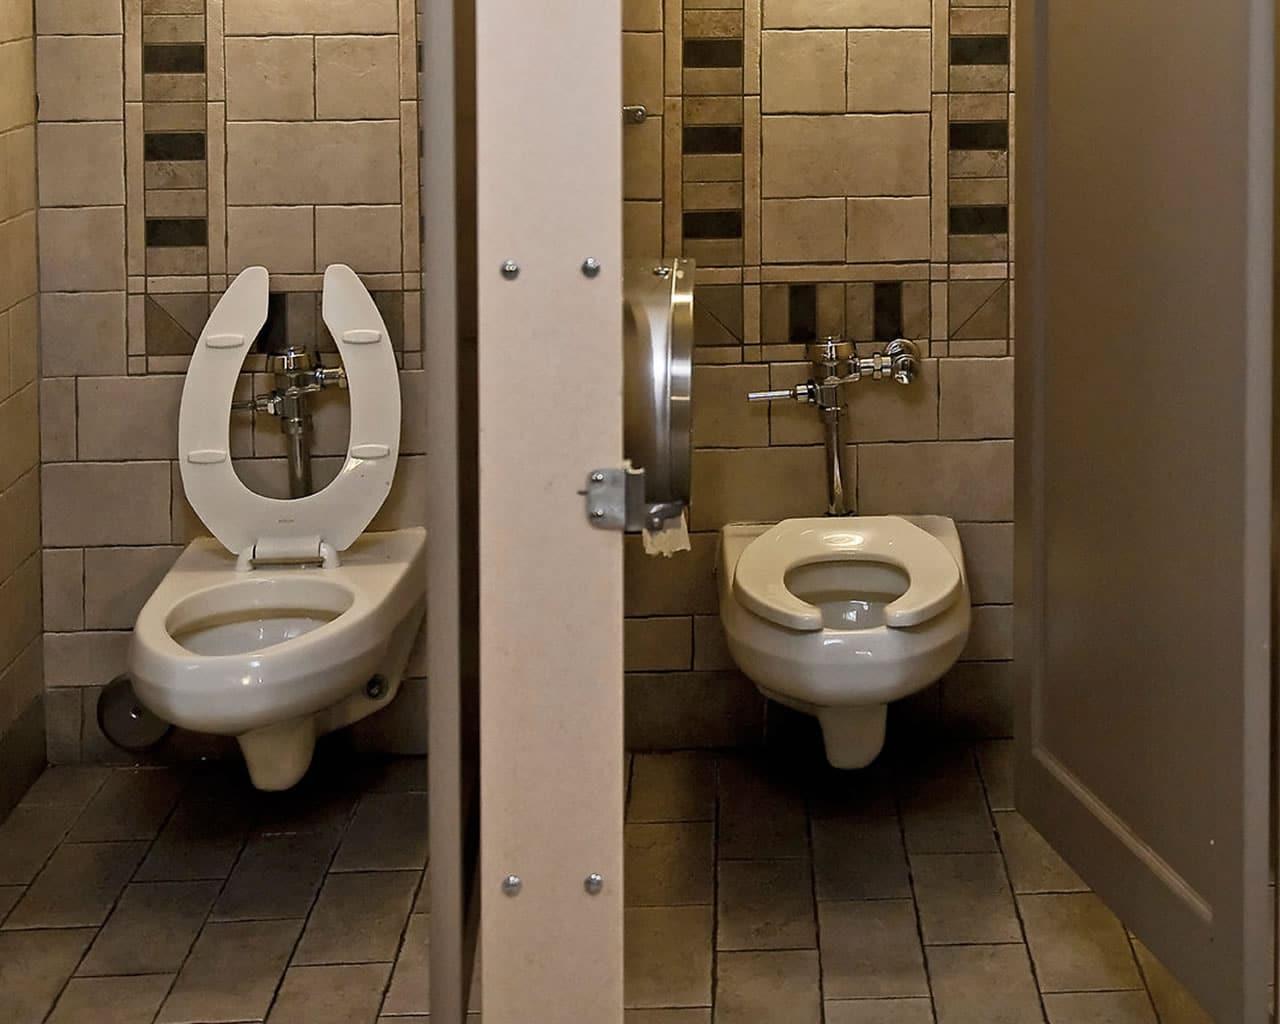 ΑΝΕΚΔΟΤΟ: Ένας μαύρος και ένας άσπρος στις δημόσιες τουαλέτες! Τρελό γέλιο